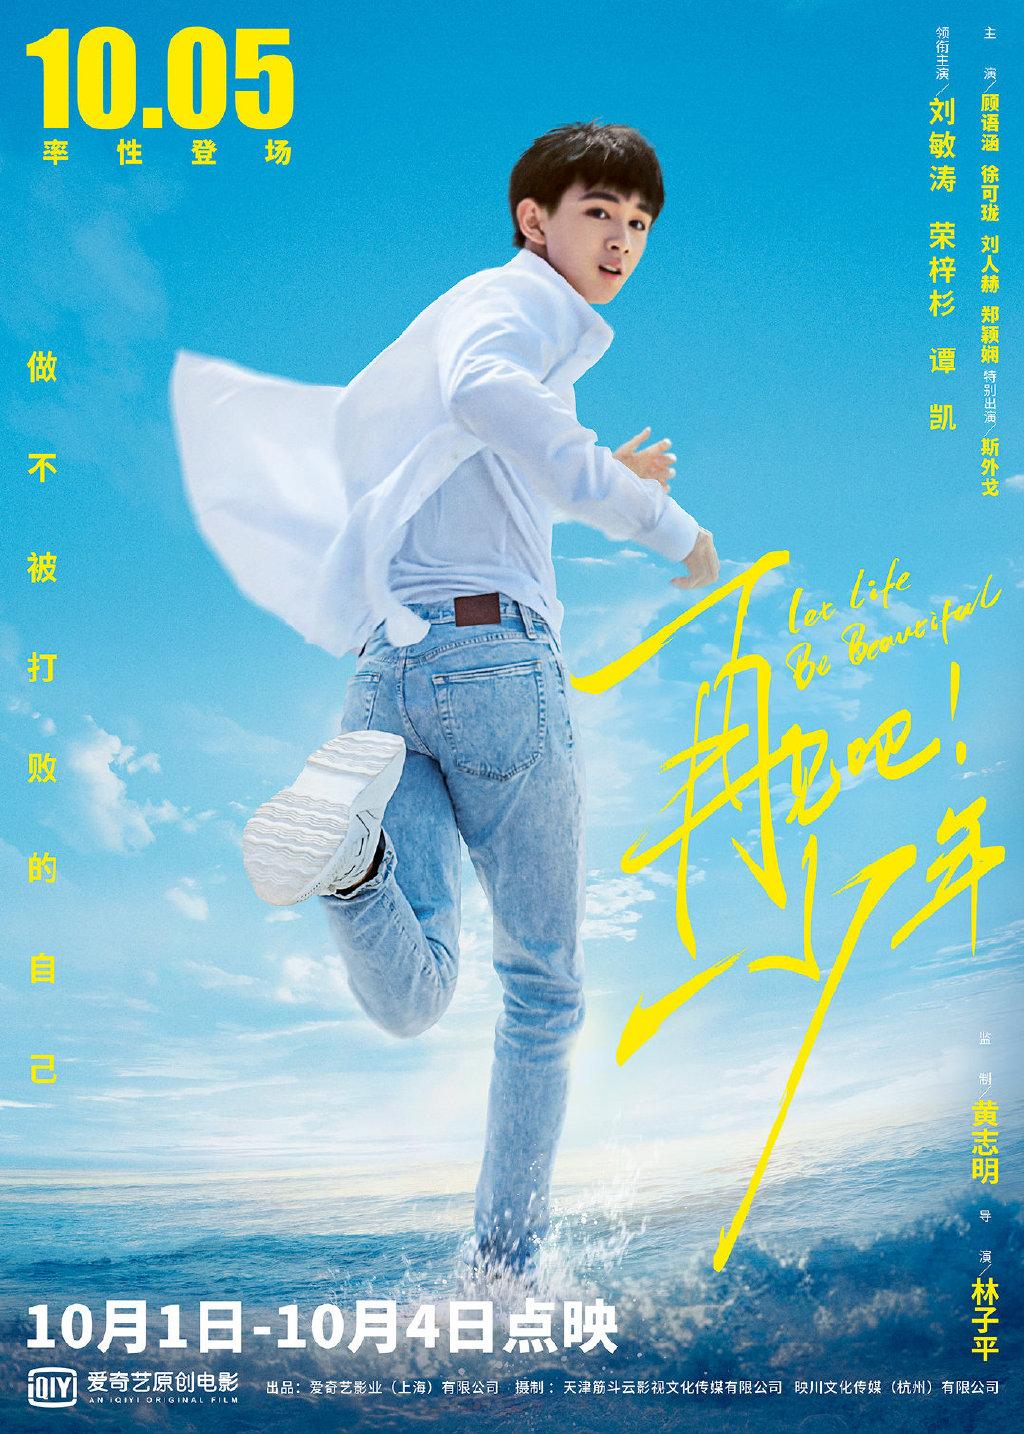 电影《再见吧!少年》定档10月5日,刘敏涛、荣梓杉主演图片